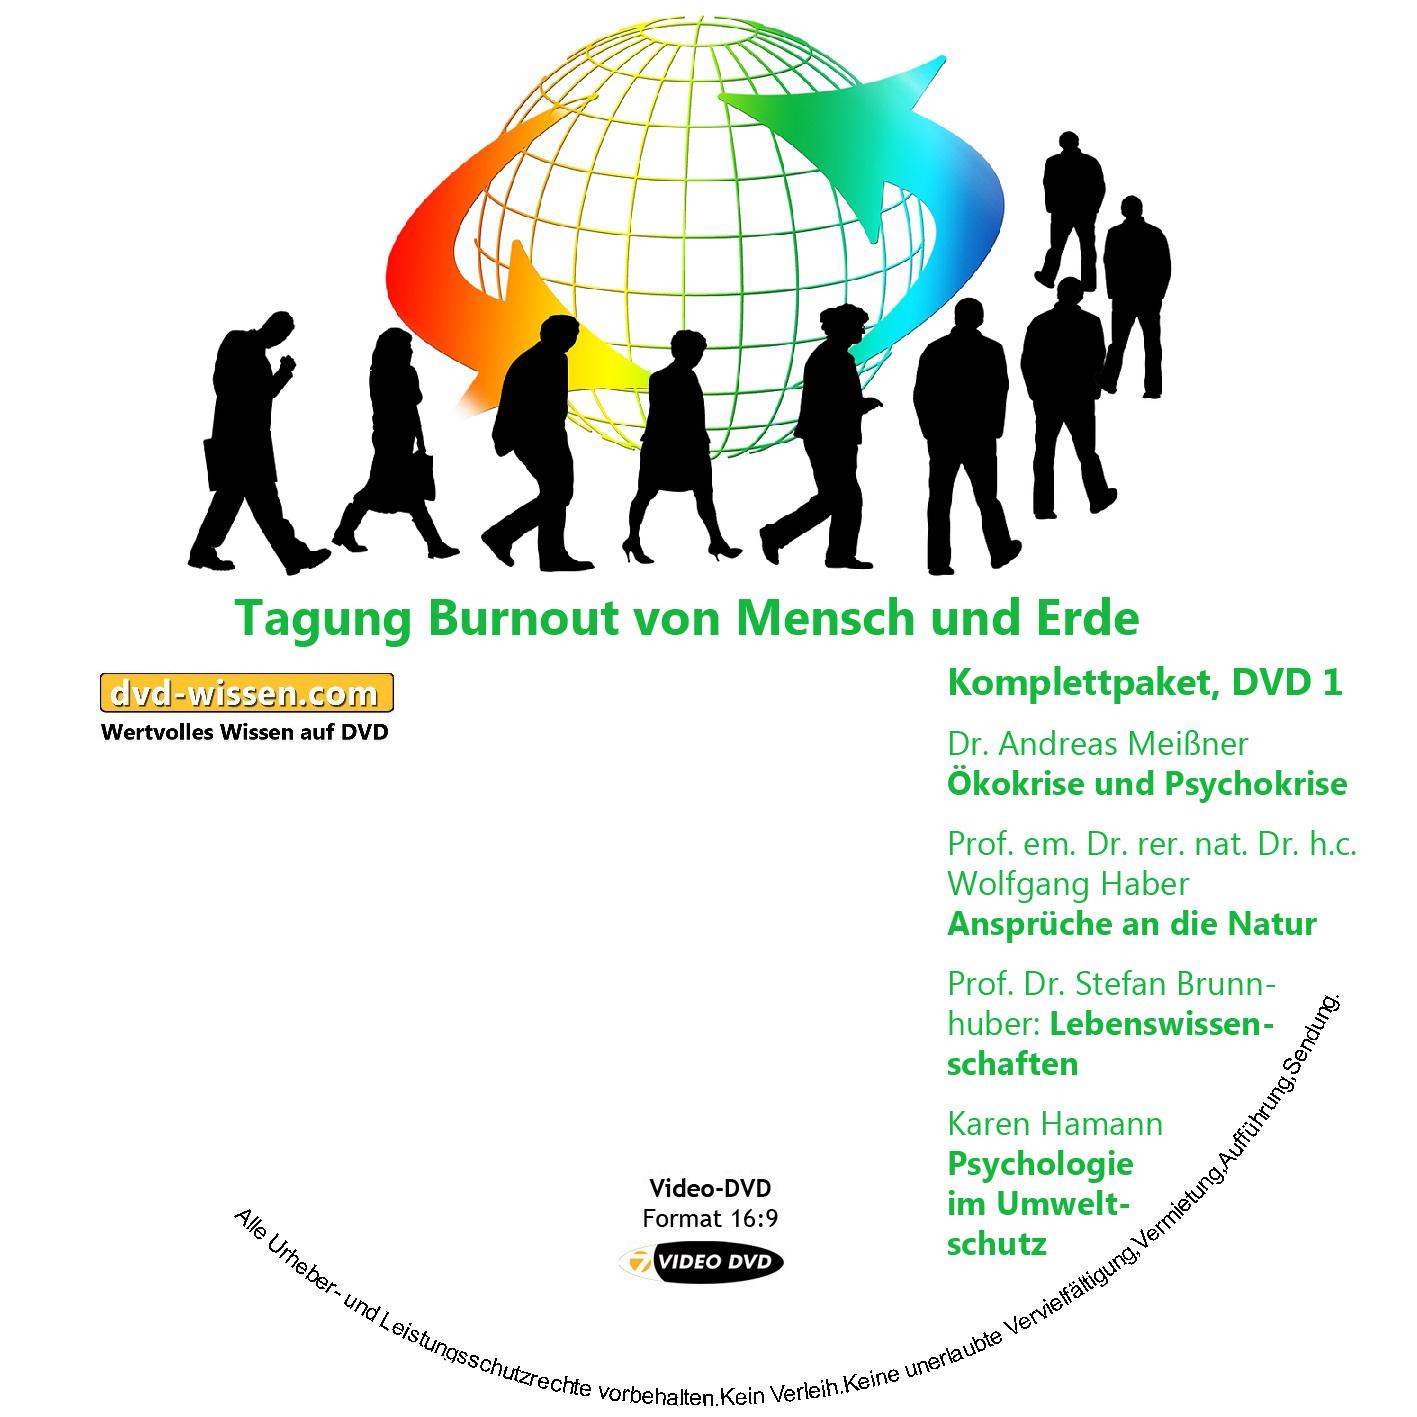 """Komplettpaket der Tagung """"Burnout von Mensch und Erde"""""""